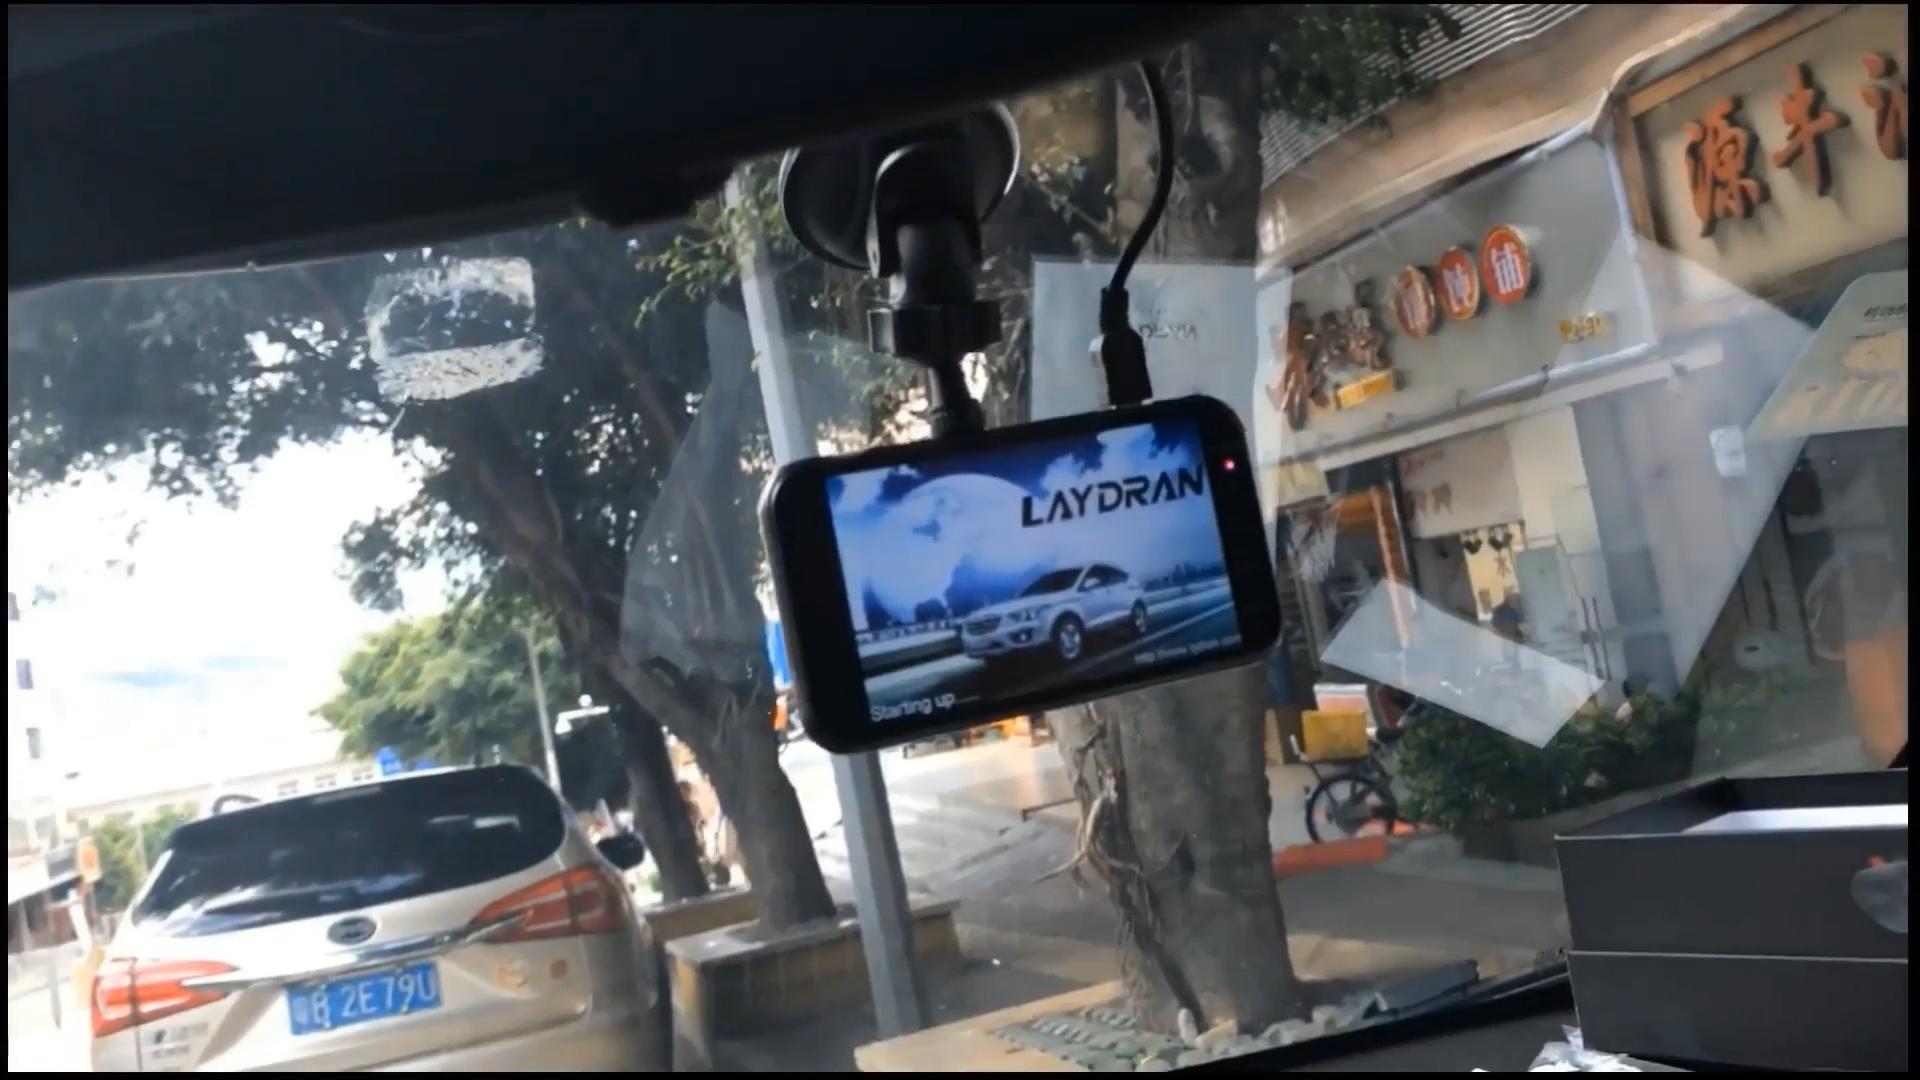 """Fhd 1080 1080p車カメラ、laydran wdr dvrカムコーダと 4 """"incch hdディスプレイadas 170 度gセンサーの駐車モニター"""